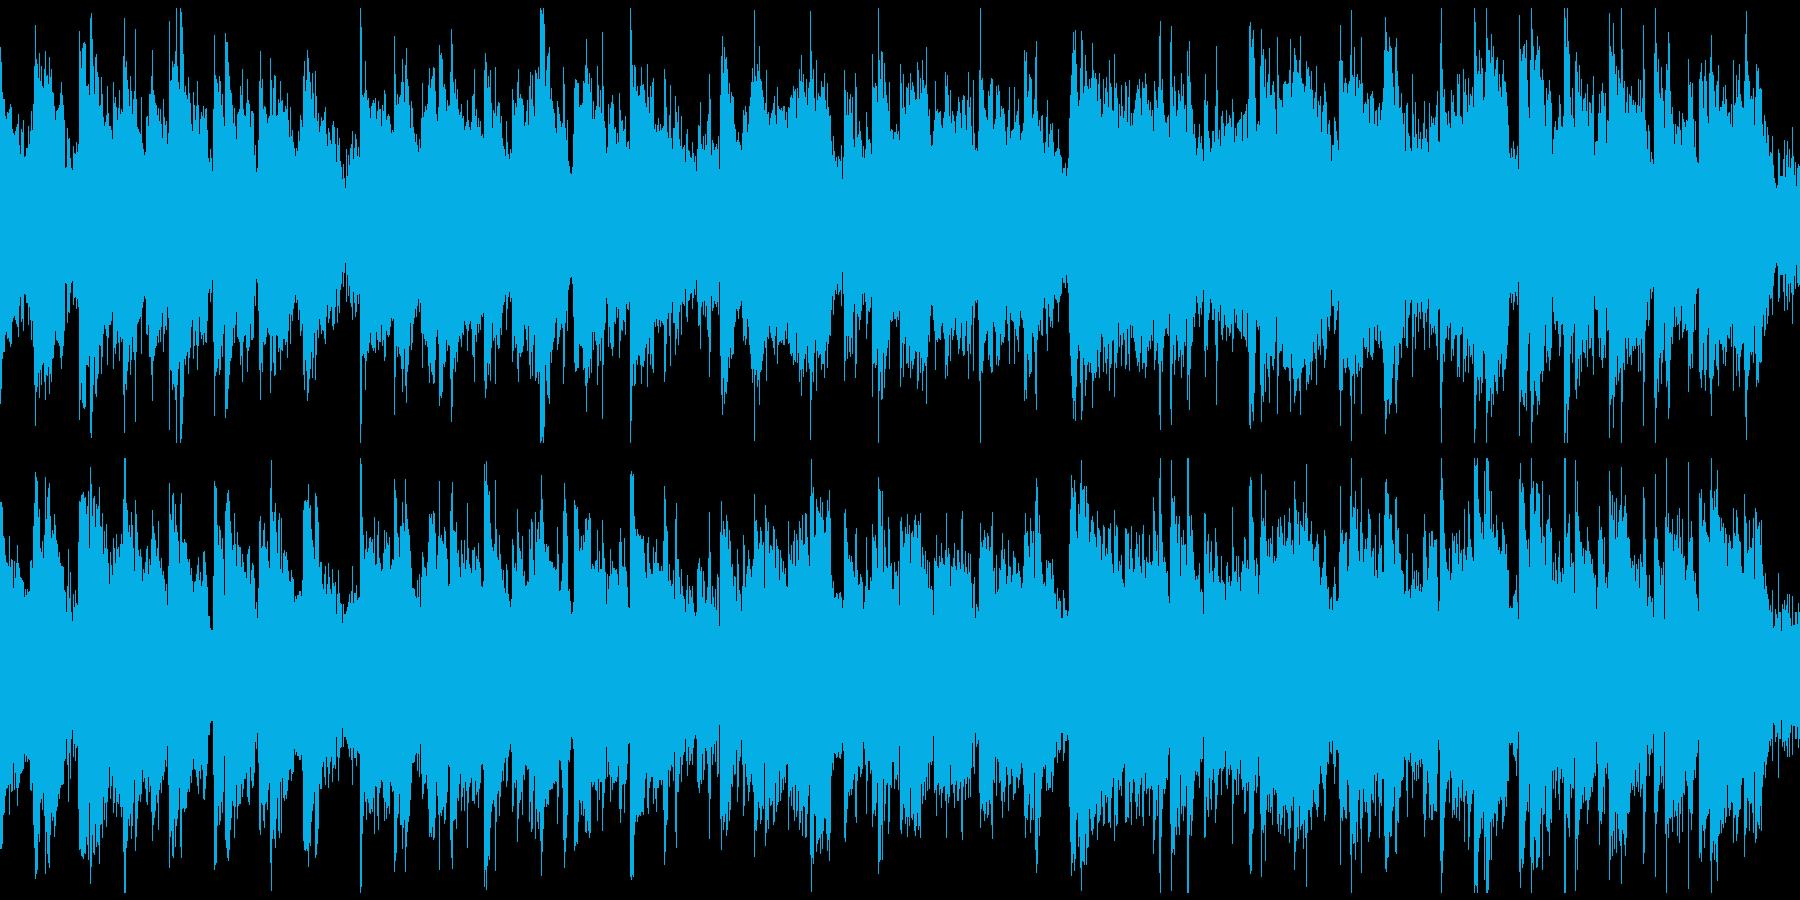 和風曲、決戦前、静かな決意 ※ループ版の再生済みの波形